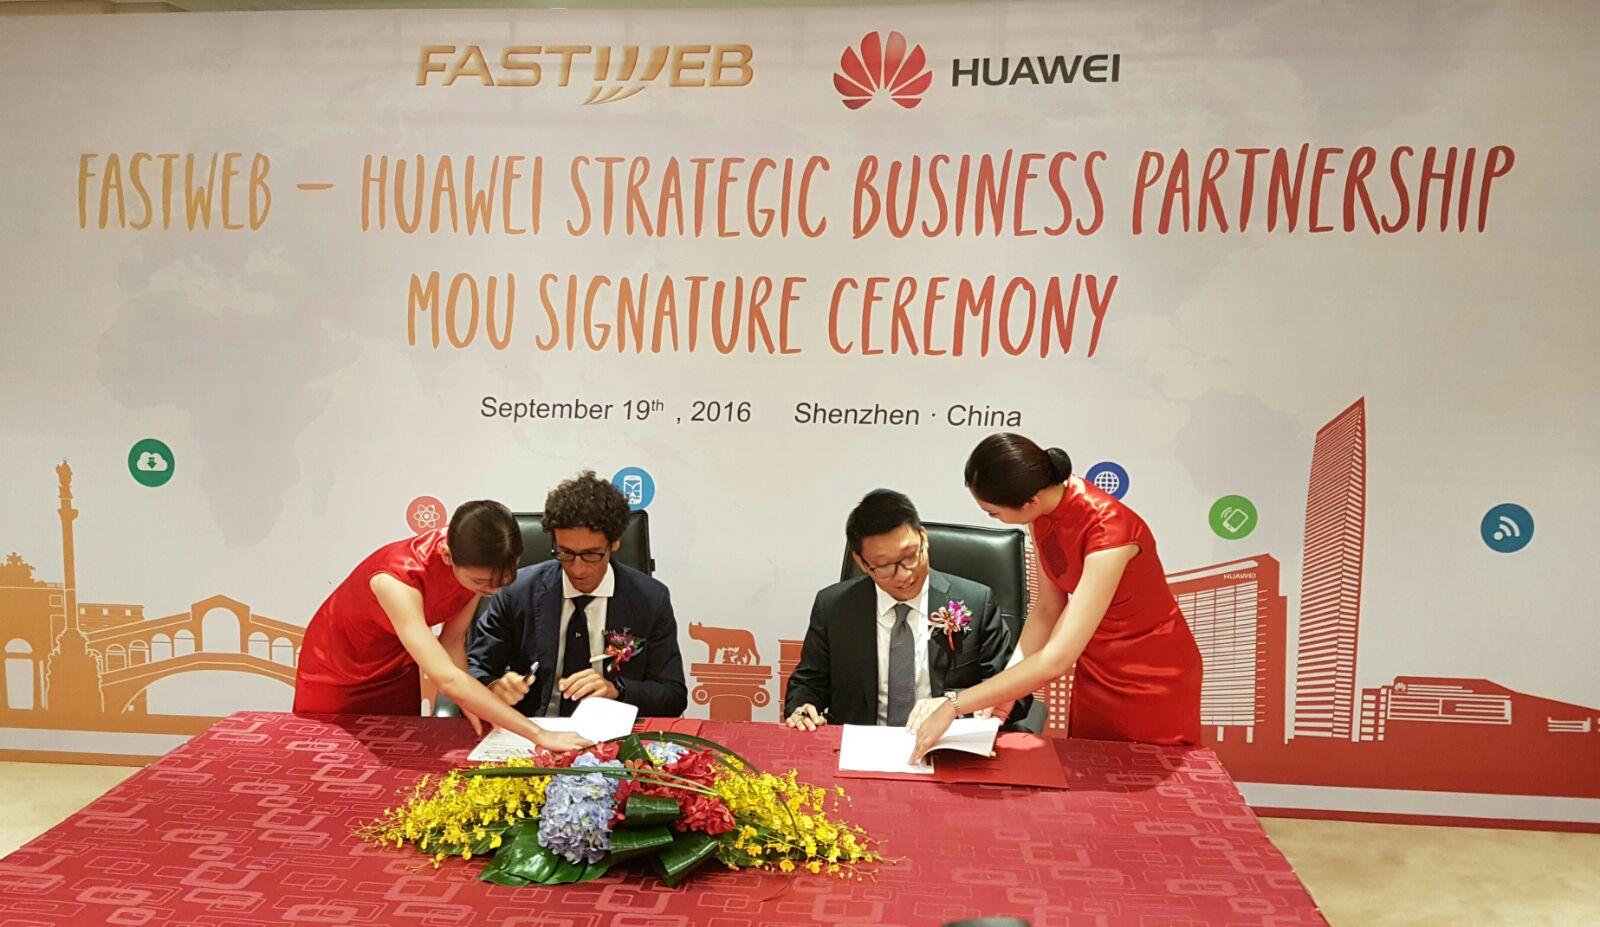 Verso il 5G Fastweb e Huawei siglano una partnership strategica